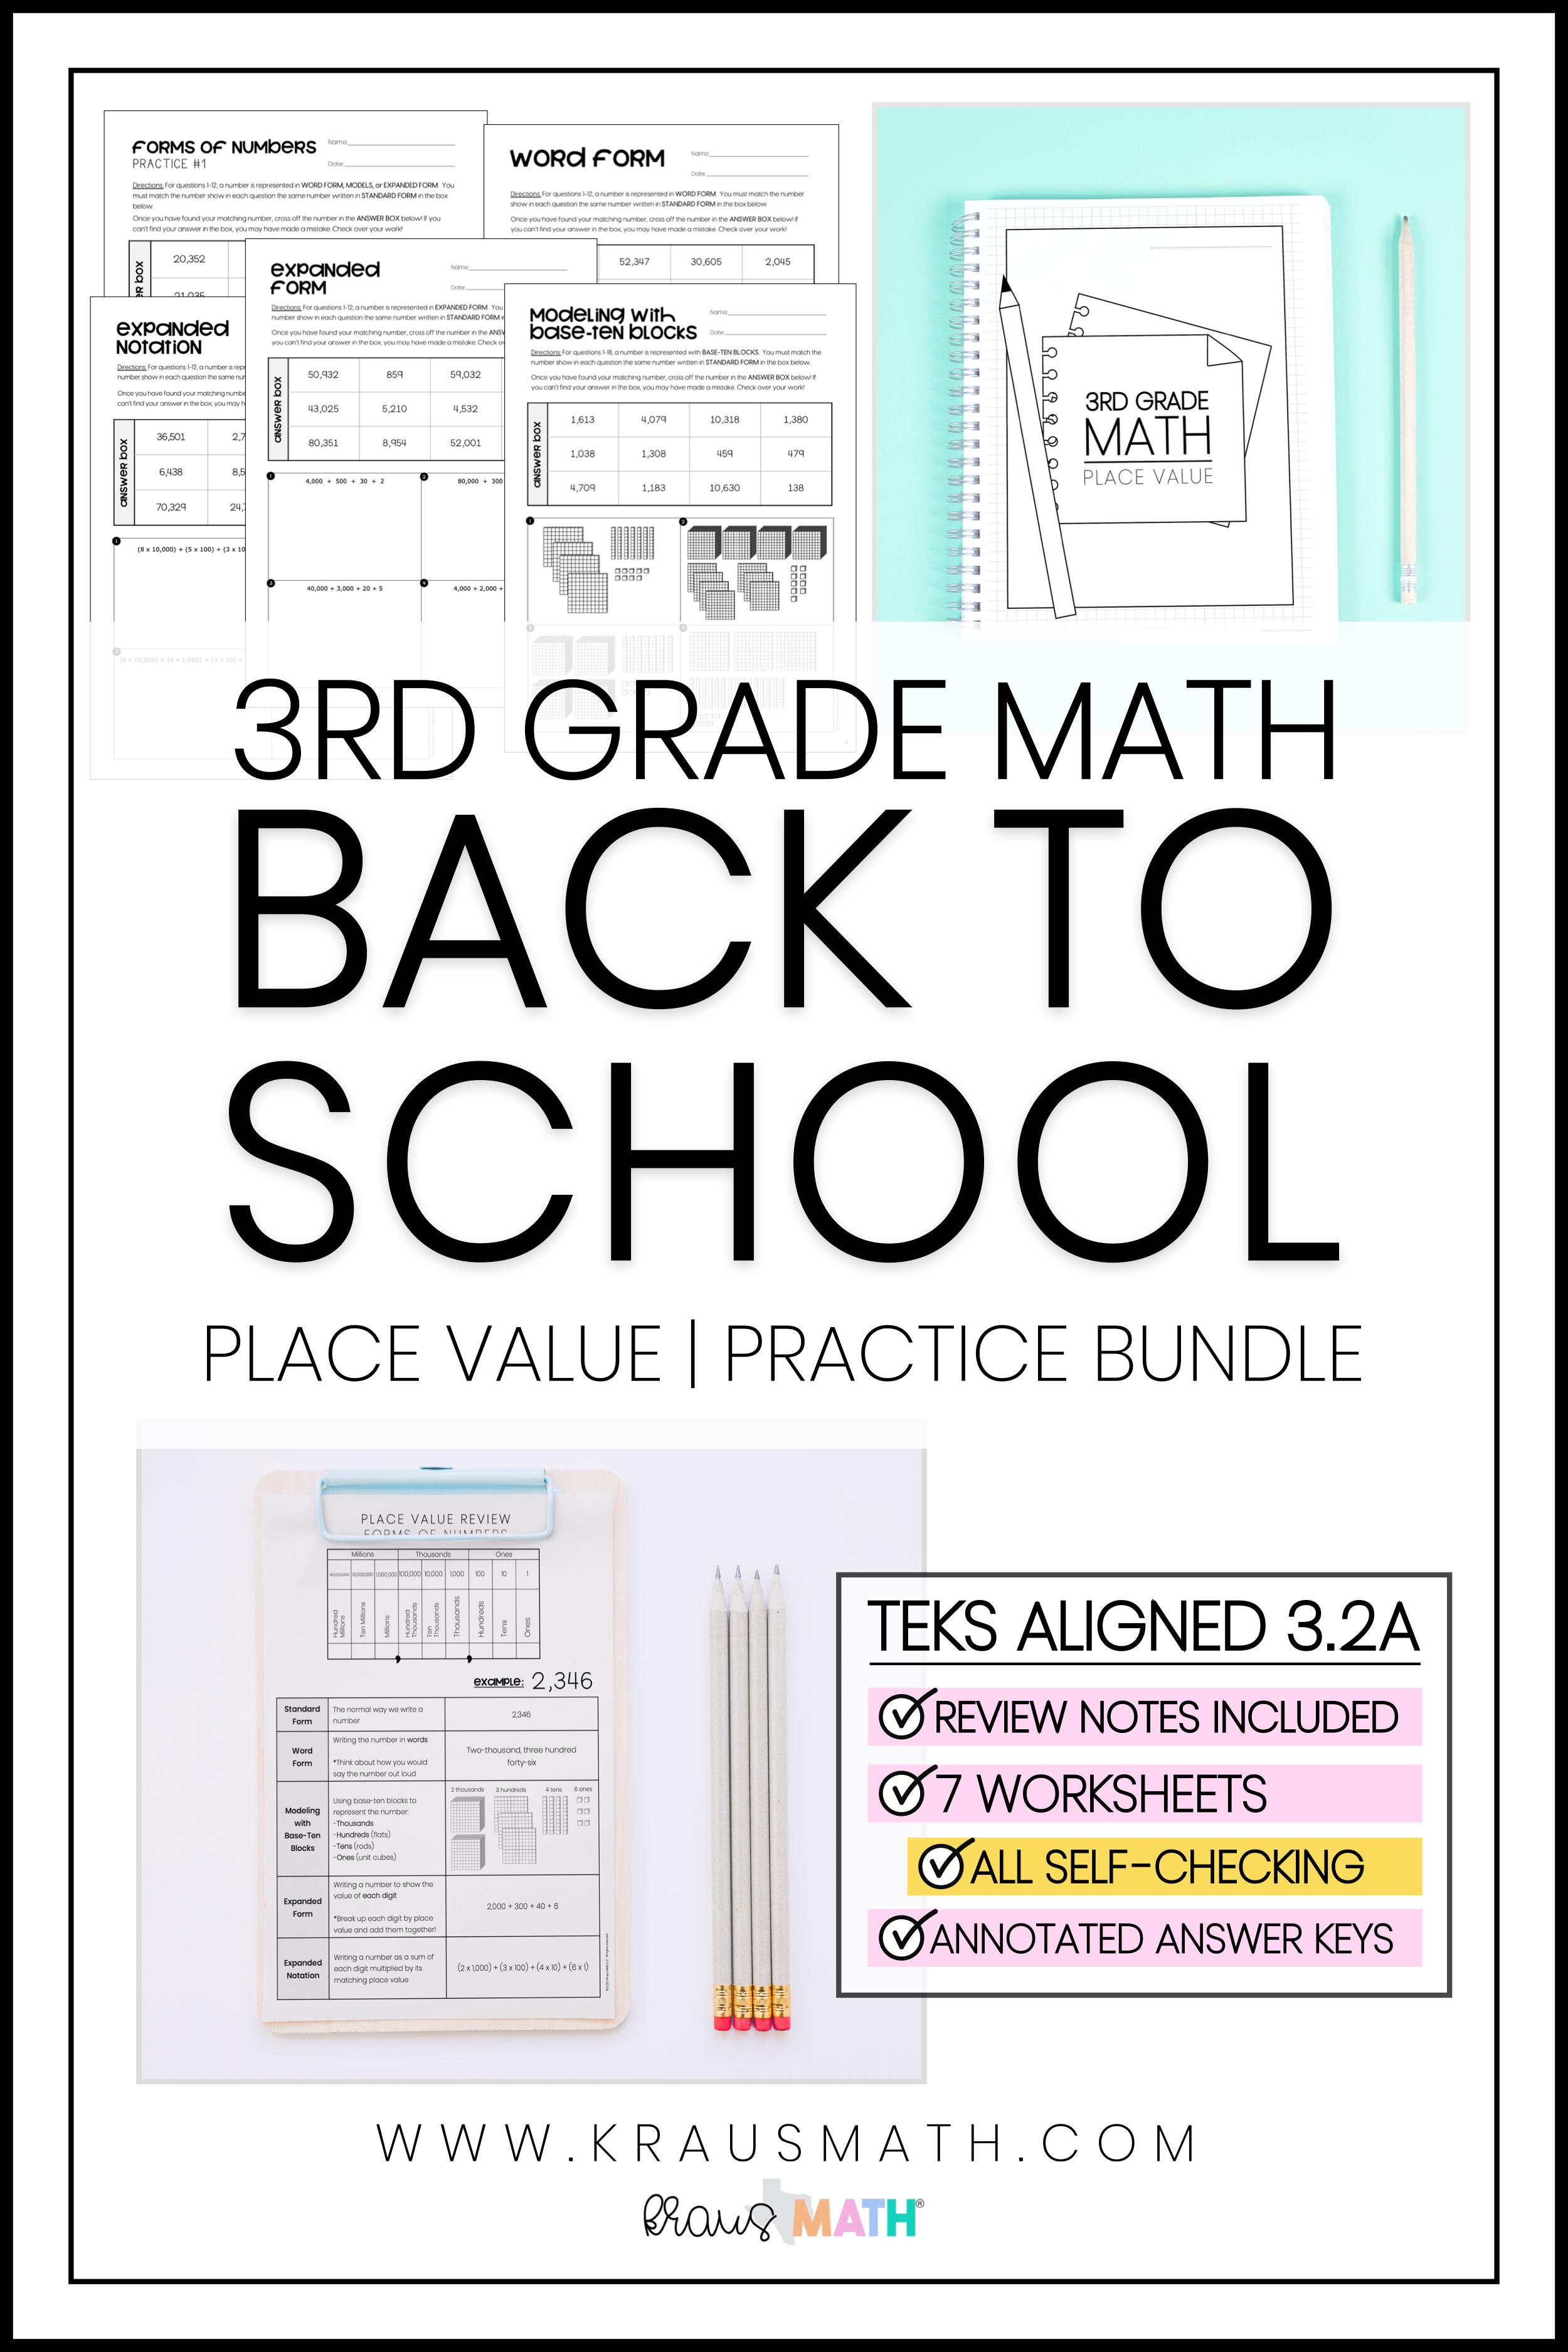 3rd Grade Math Packet 1 Place Value Kraus Math 3rd Grade Math Math Packets Staar Math [ 3750 x 2500 Pixel ]